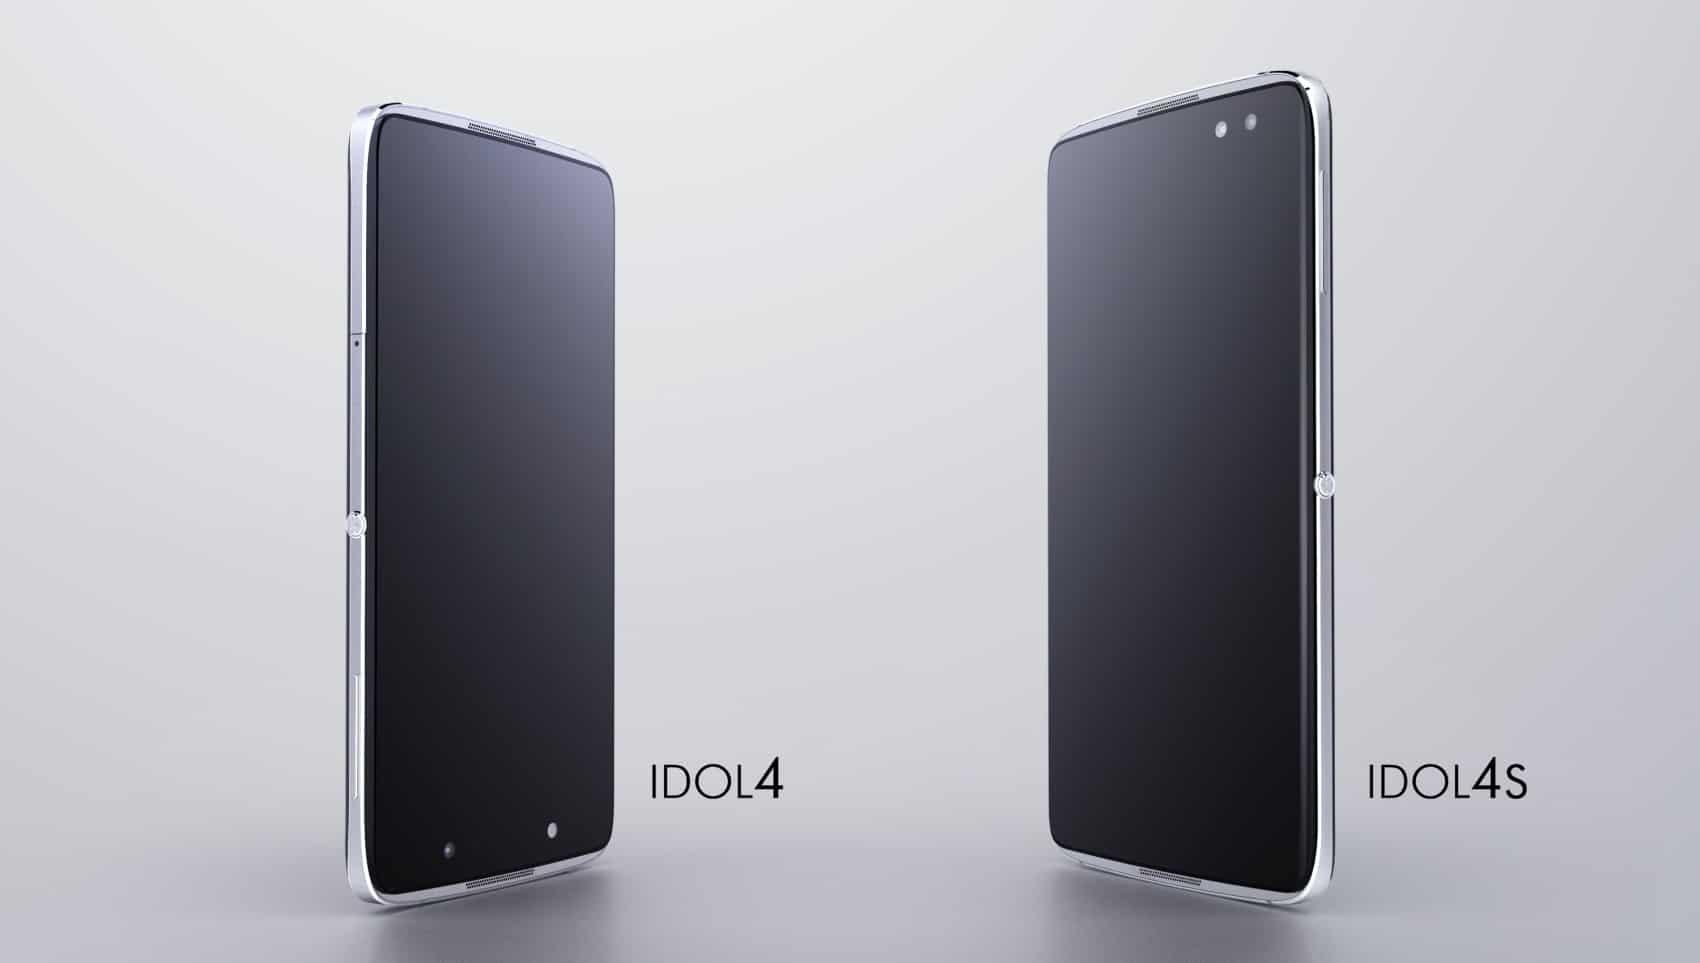 Smartphone_IDOL 4_IDOL_4S